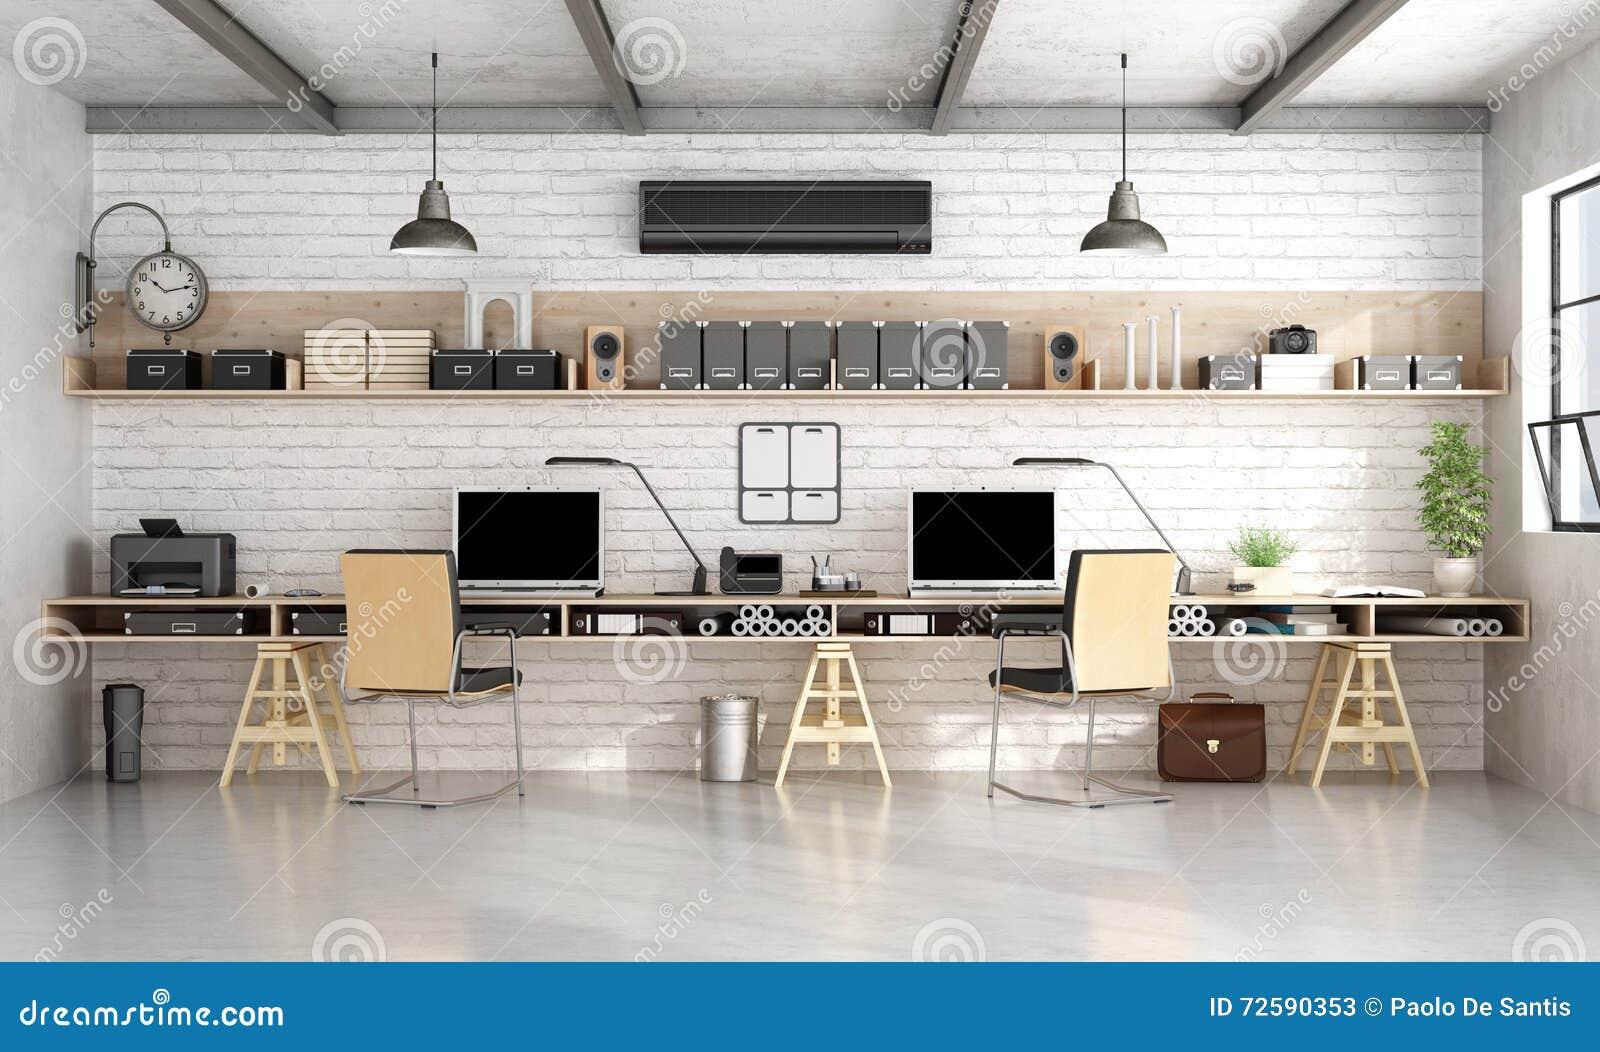 Oficina de la arquitectura o de ingenier a en estilo for Oficinas de ing